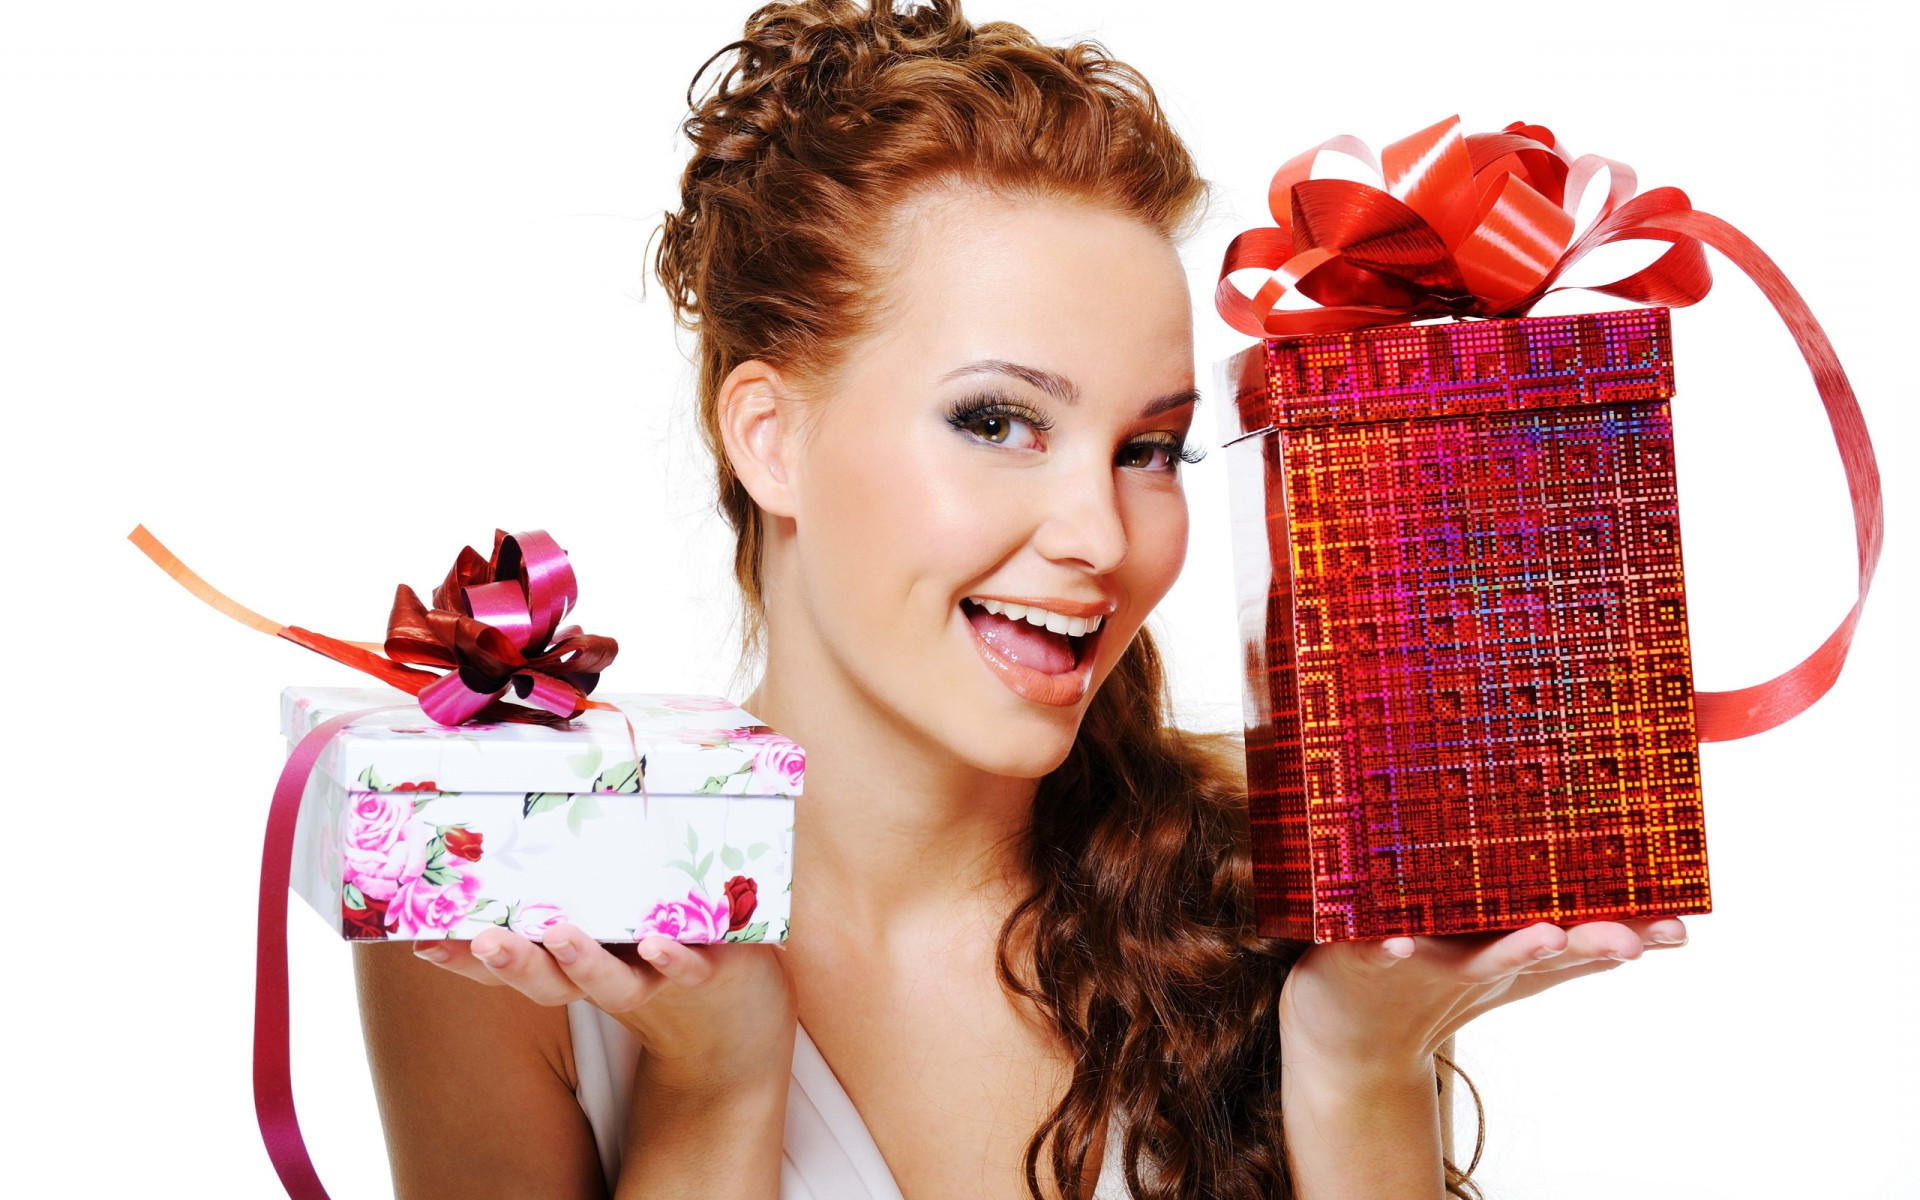 Подарок своей девушке на день рождения фото